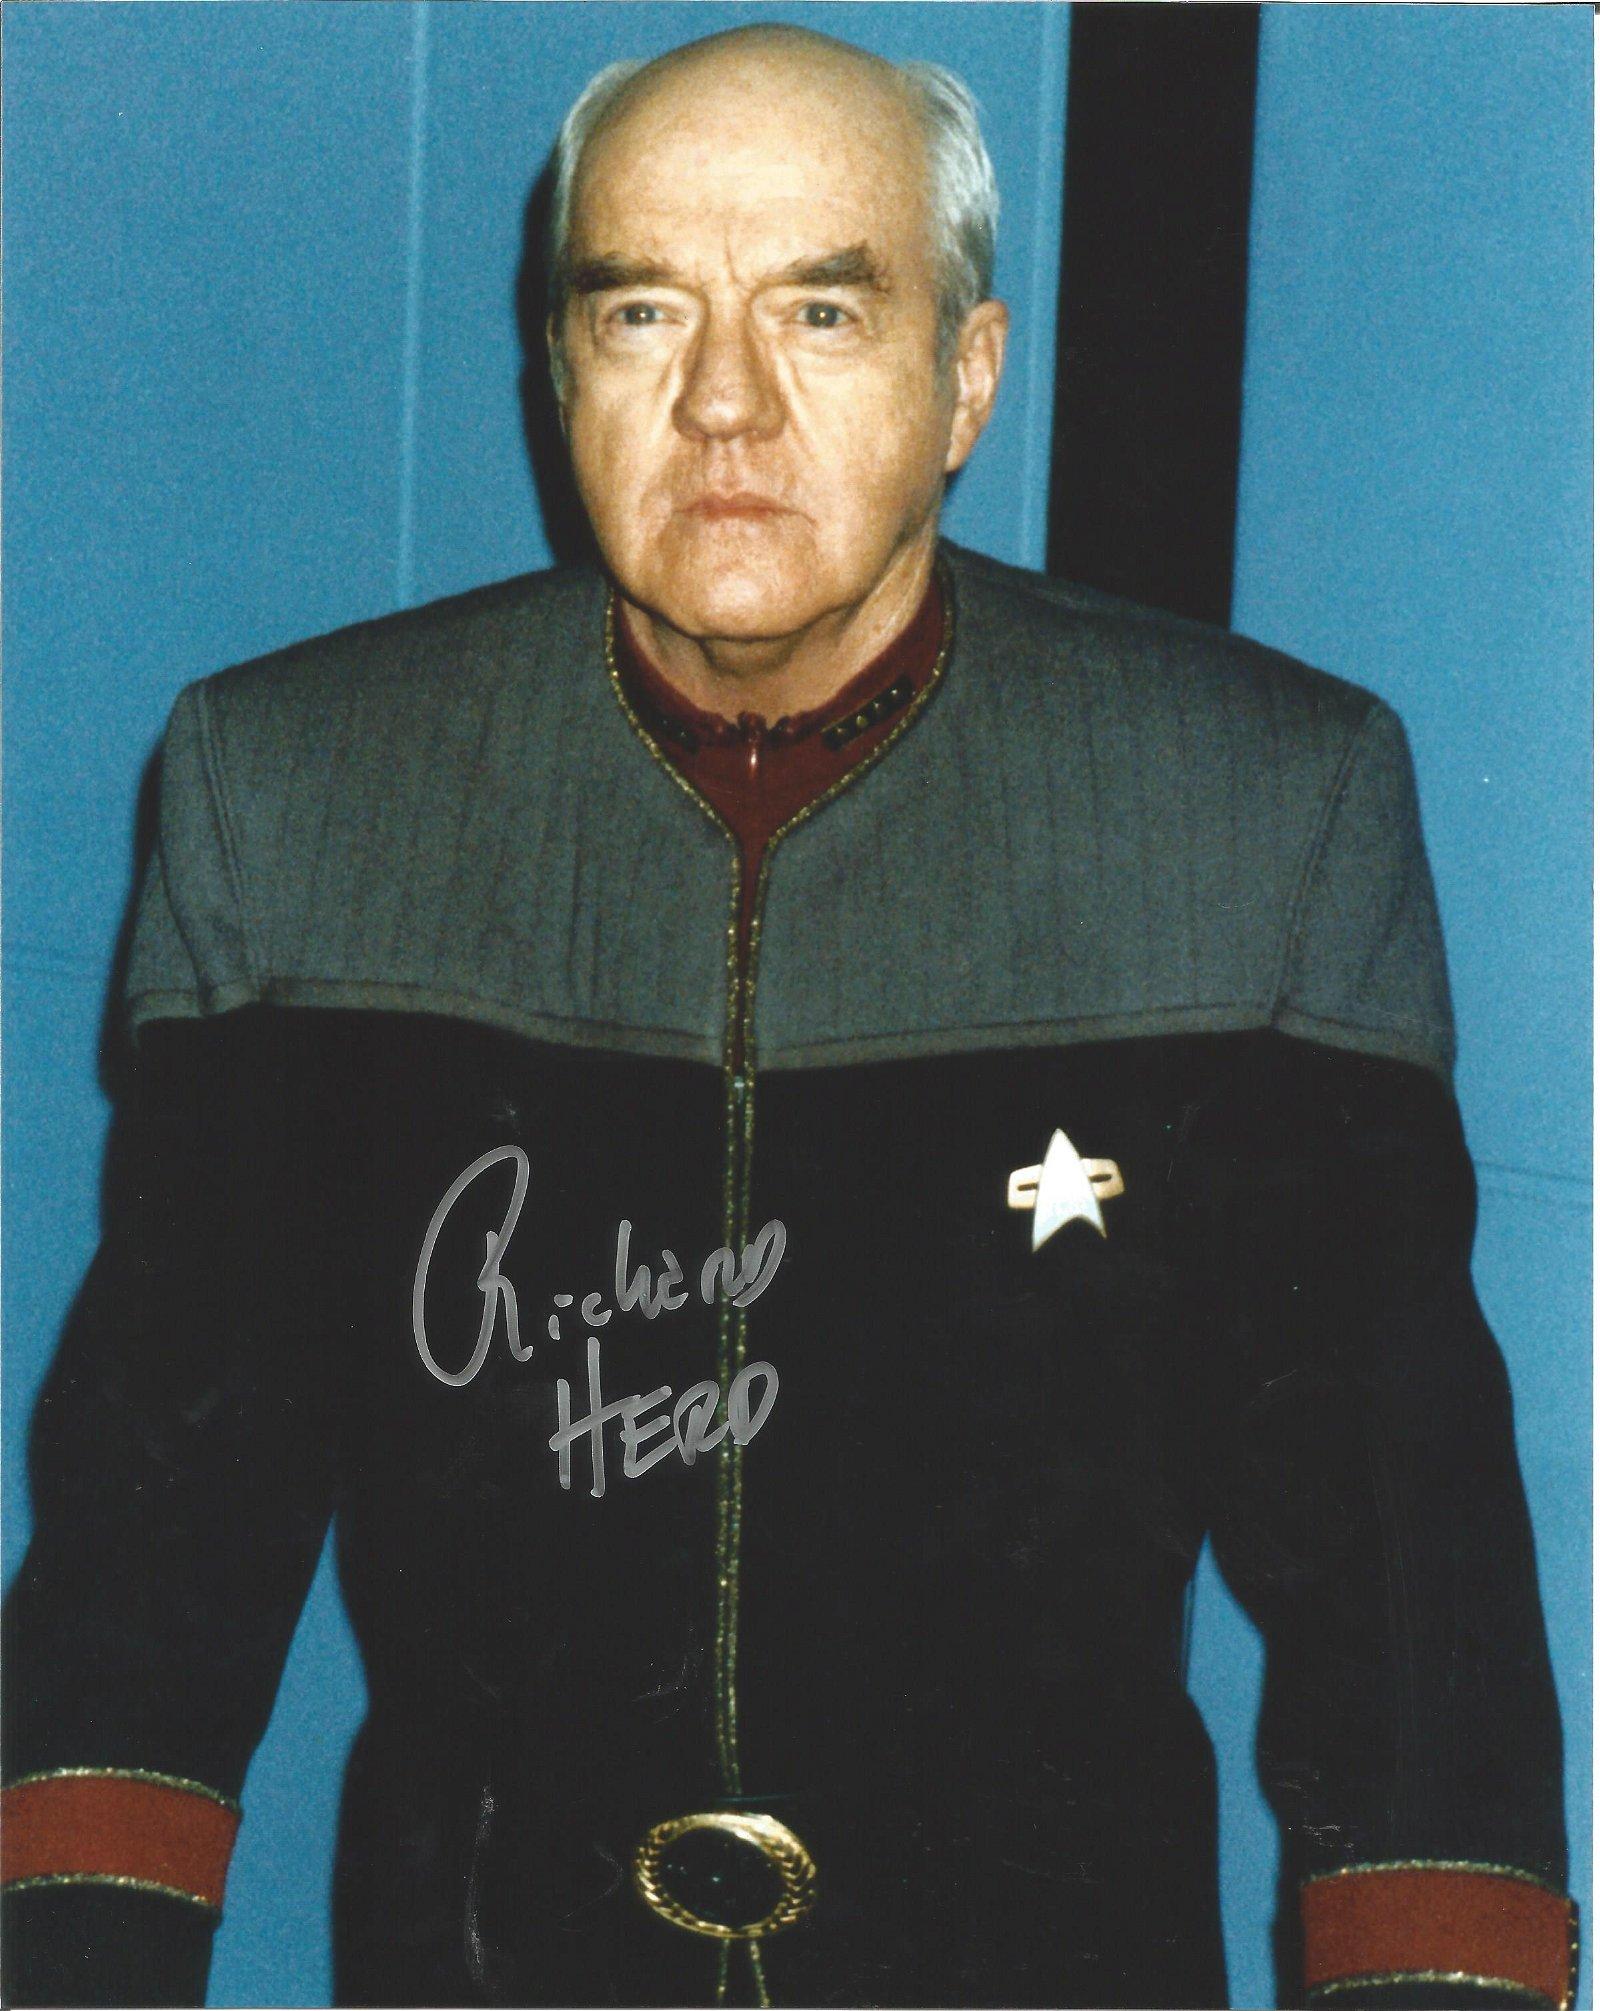 Richard Herd actor Star Trek signed authentic 10x8